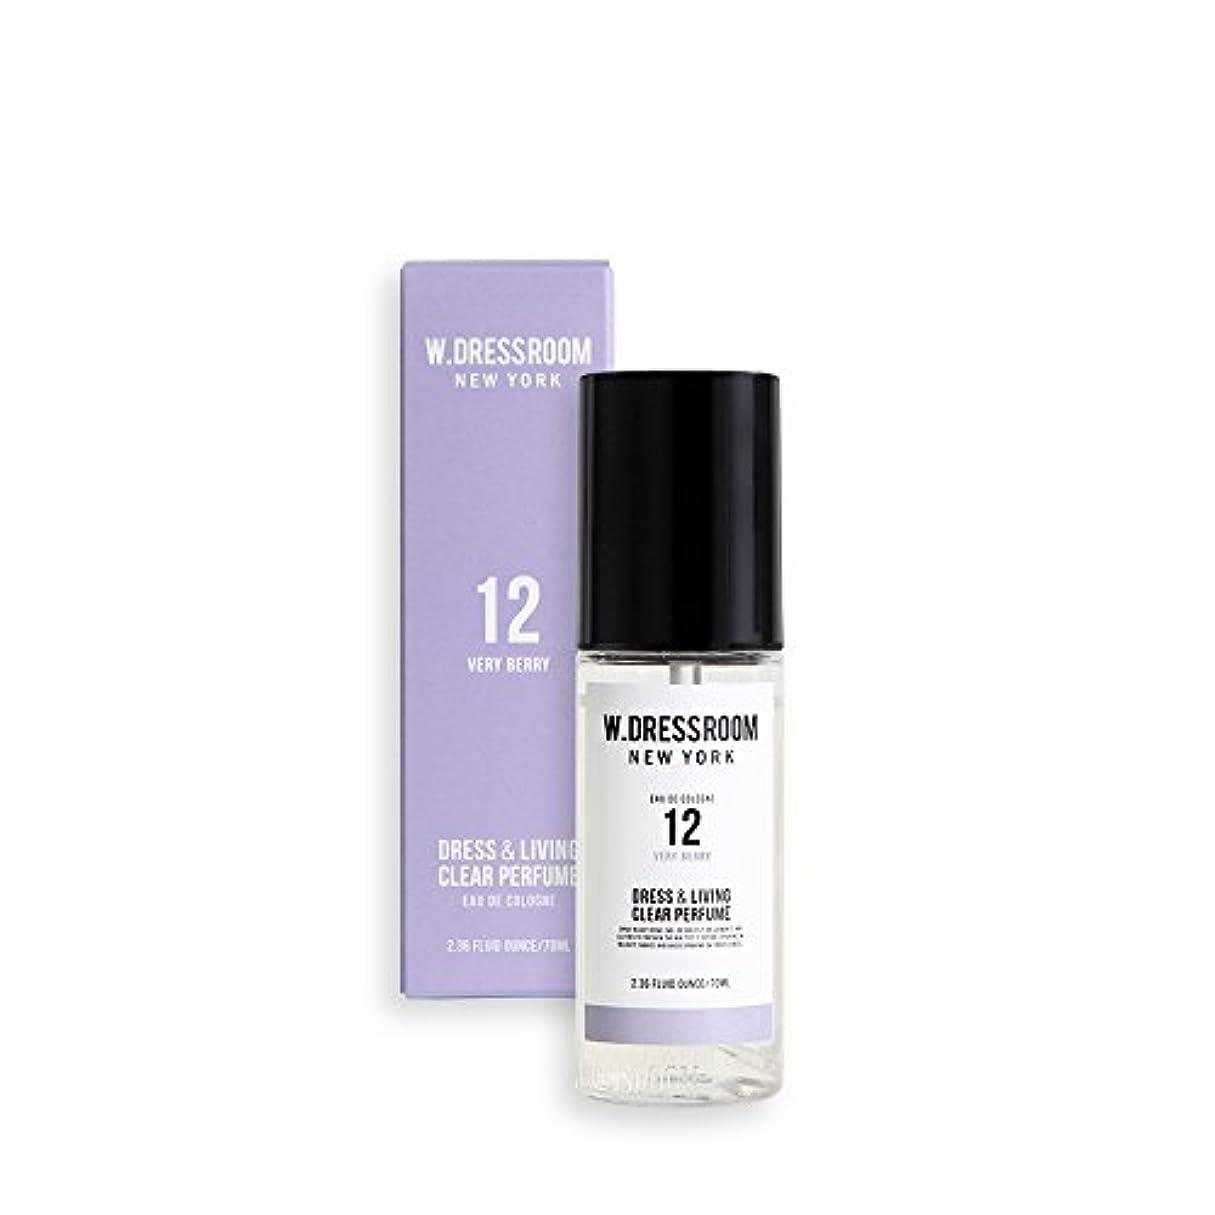 あたりカジュアル知覚W.DRESSROOM Dress & Living Clear Perfume 70ml/ダブルドレスルーム ドレス&リビング クリア パフューム 70ml (#No.12 Very Berry) [並行輸入品]